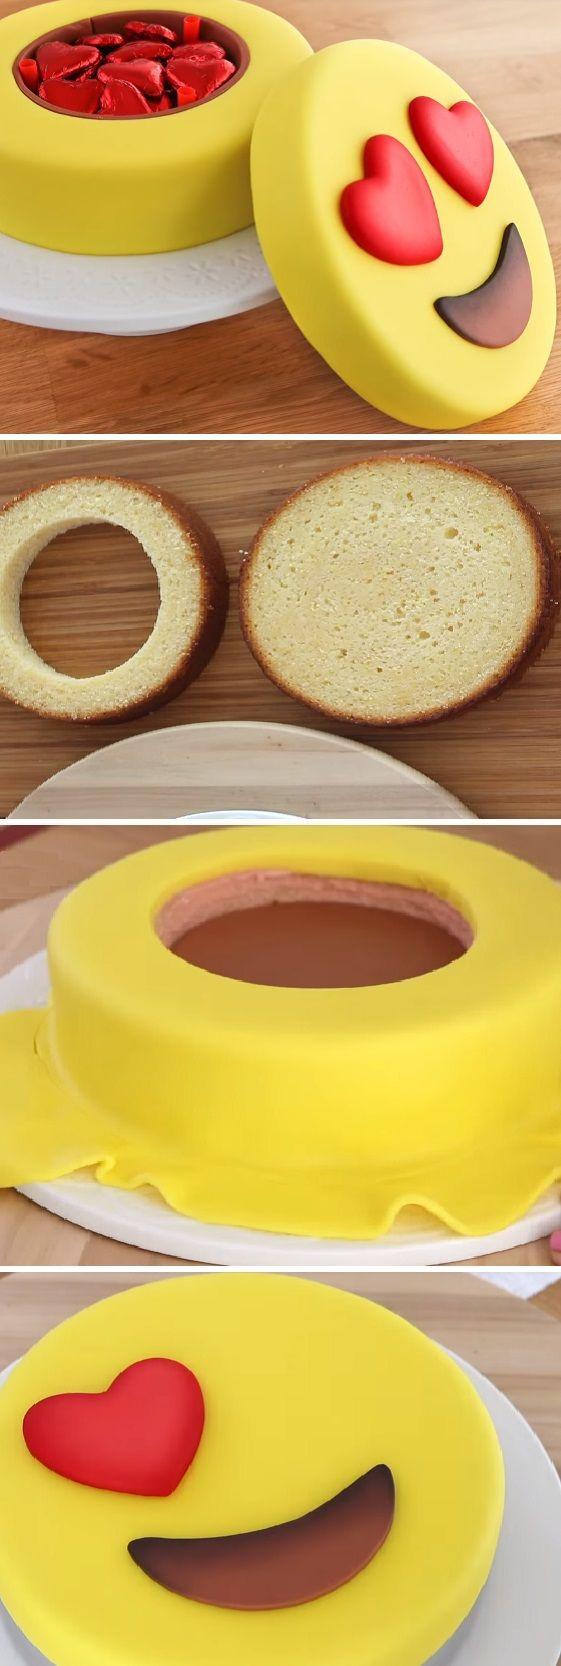 Torta de Emoji para San Valentín con el Secreto Caja de Bombones. Recetas románticas¨ #sanvalentin #valentinesday #valentine #love #azúcar #tips #cupcakes #cakes #dulces #receta #recipe #casero #torta #tartas #pastel #nestlecocina #bizcocho #bizcochuelo #tasty #cocina #chocolate #pan #panes Si te gusta dinos HOLA y dale a Me Gusta MIREN …